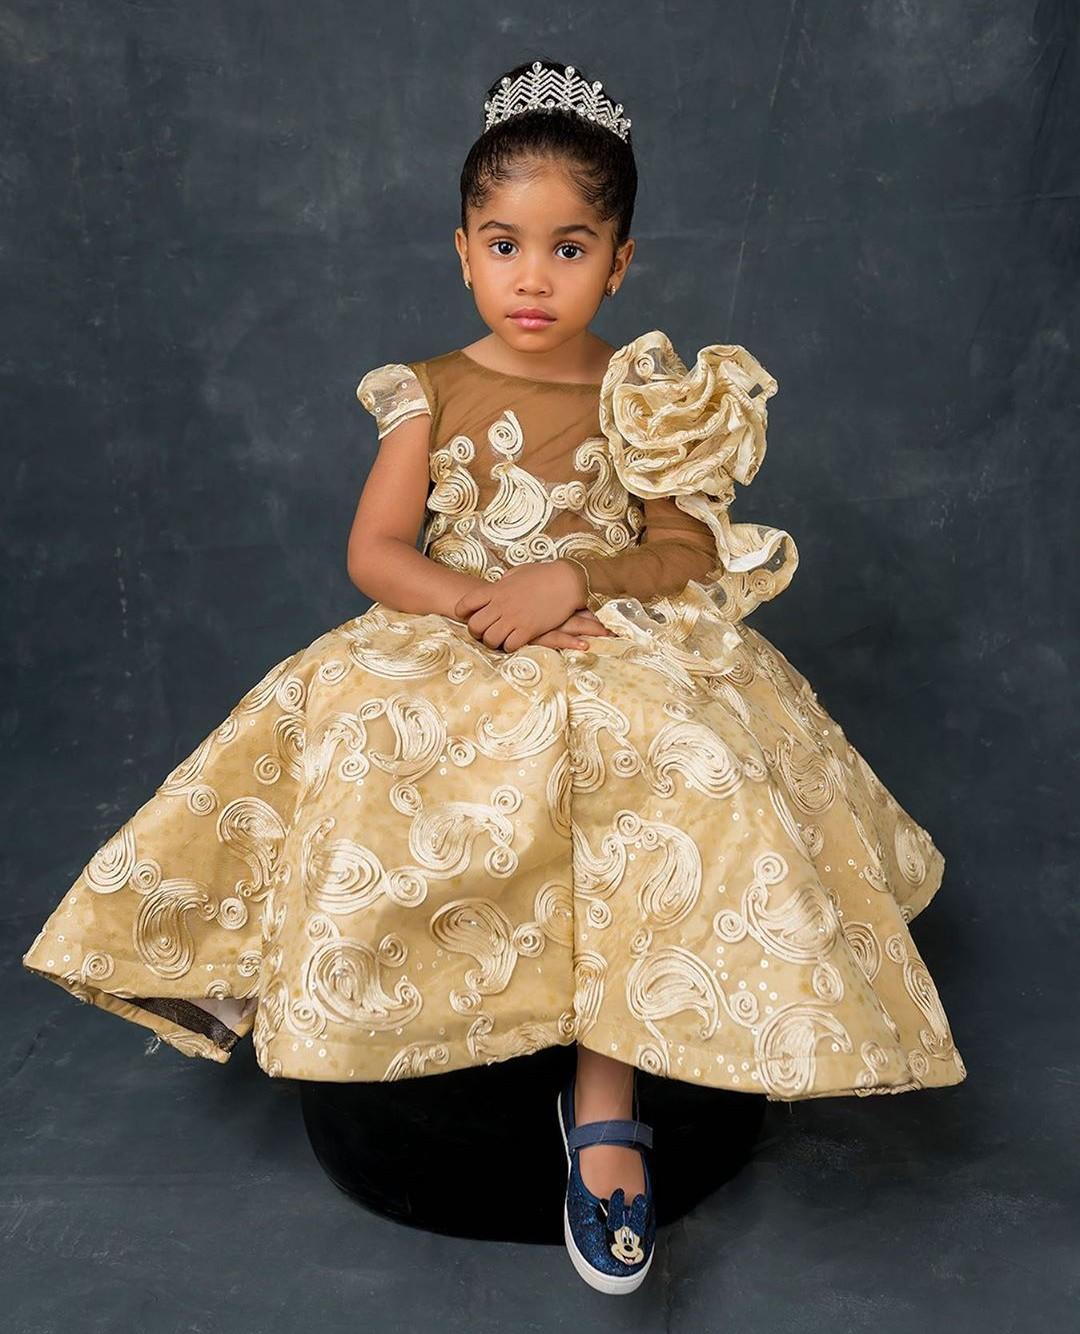 Nollywood Actress Anita Joseph shares photos of her adorable daughter